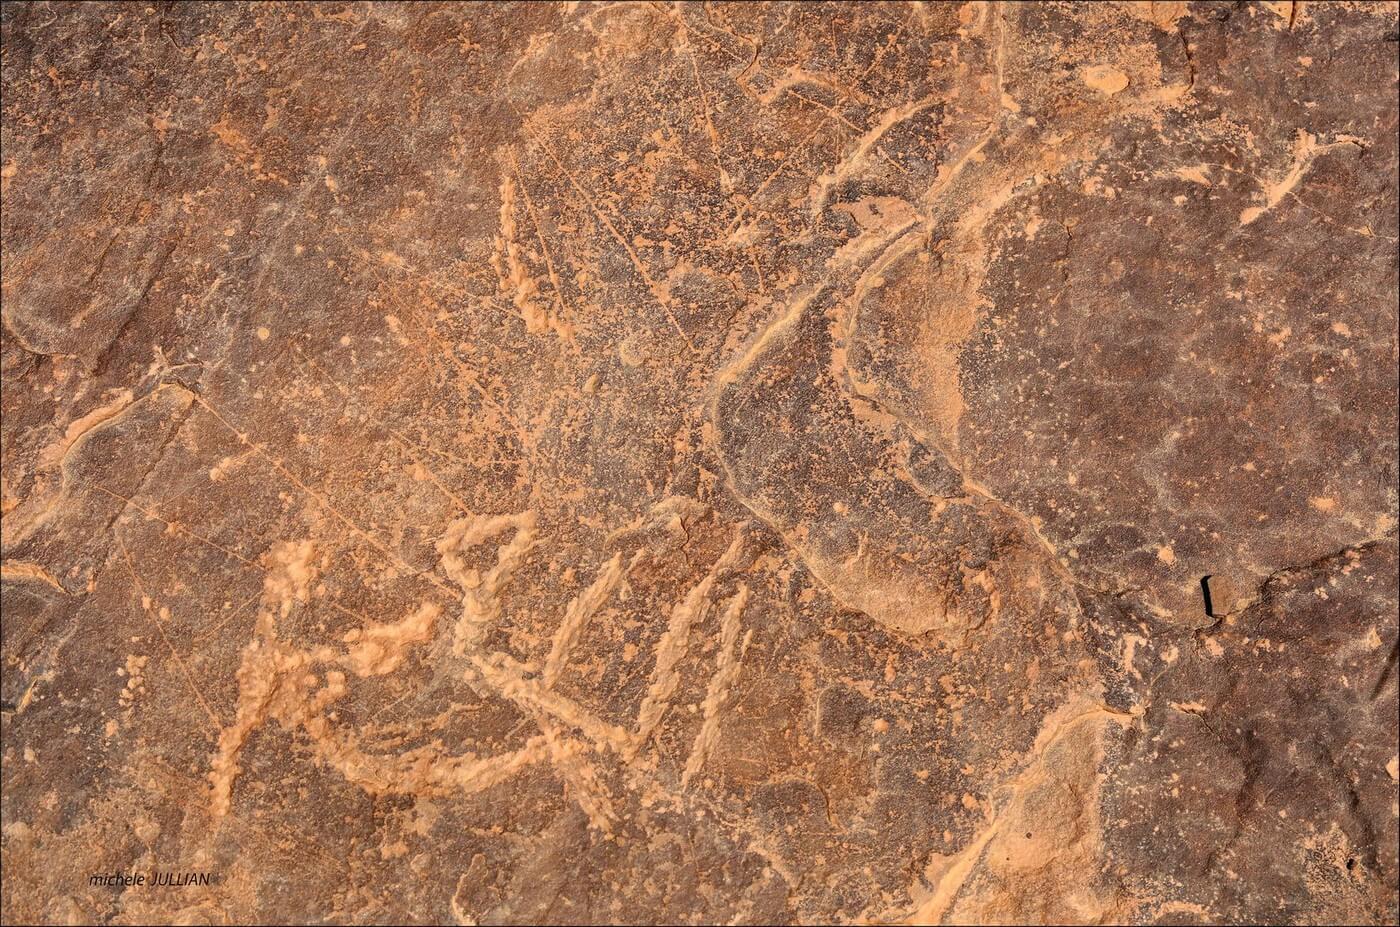 gravures pariétales datant de plus de 10 000 ans au sahara